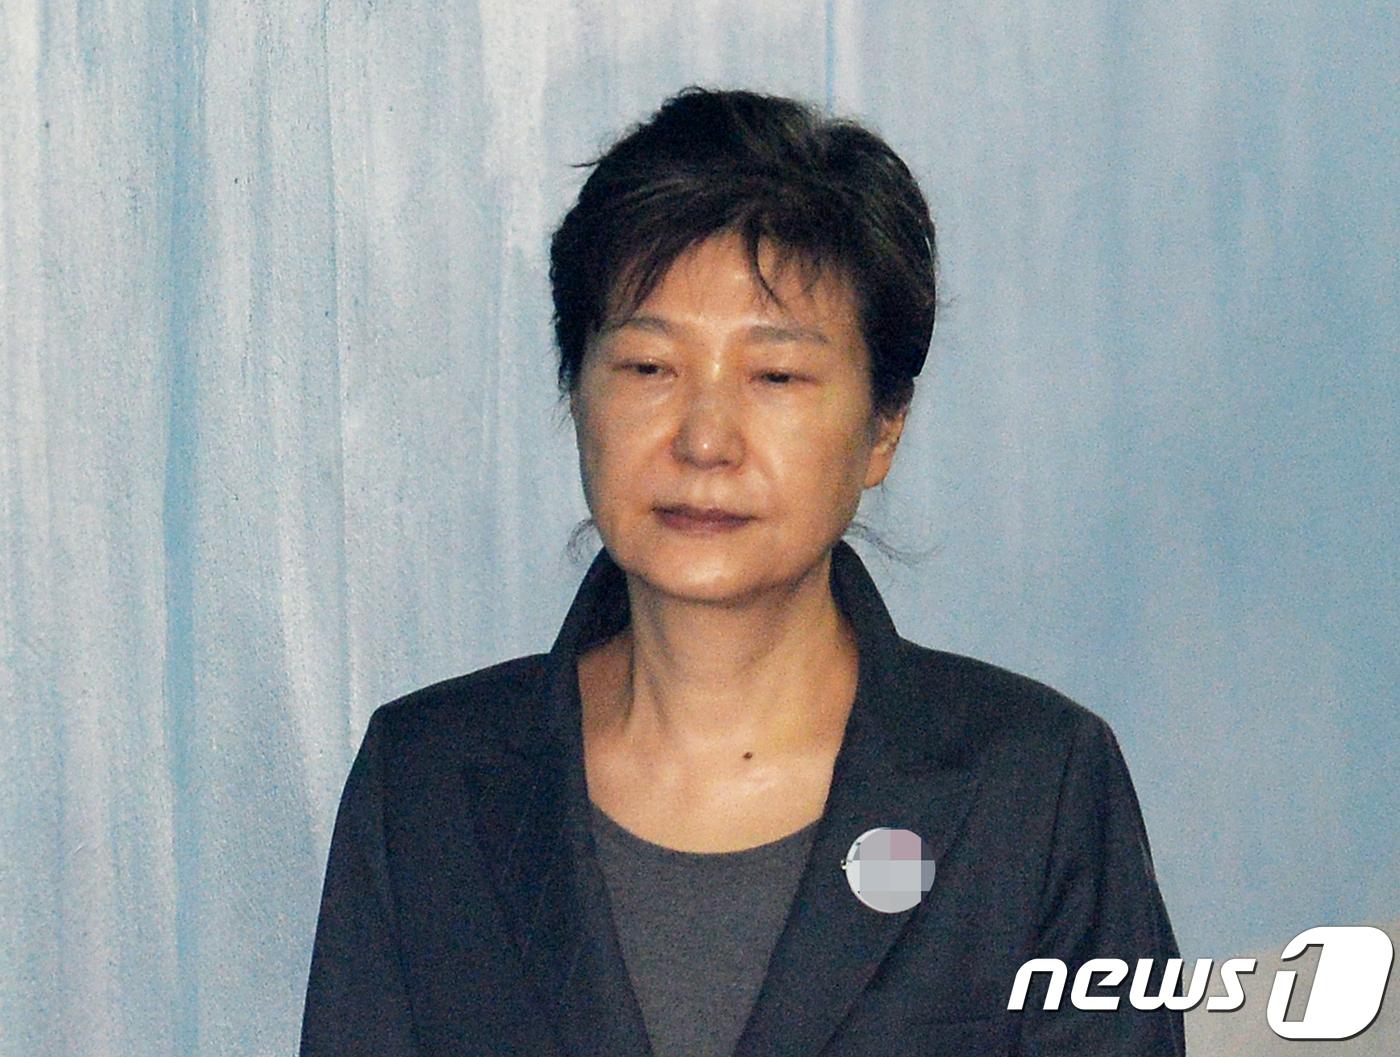 '얄밉게 생겼다'..朴지지자-법정경위 재판서 충돌 #뉴스1